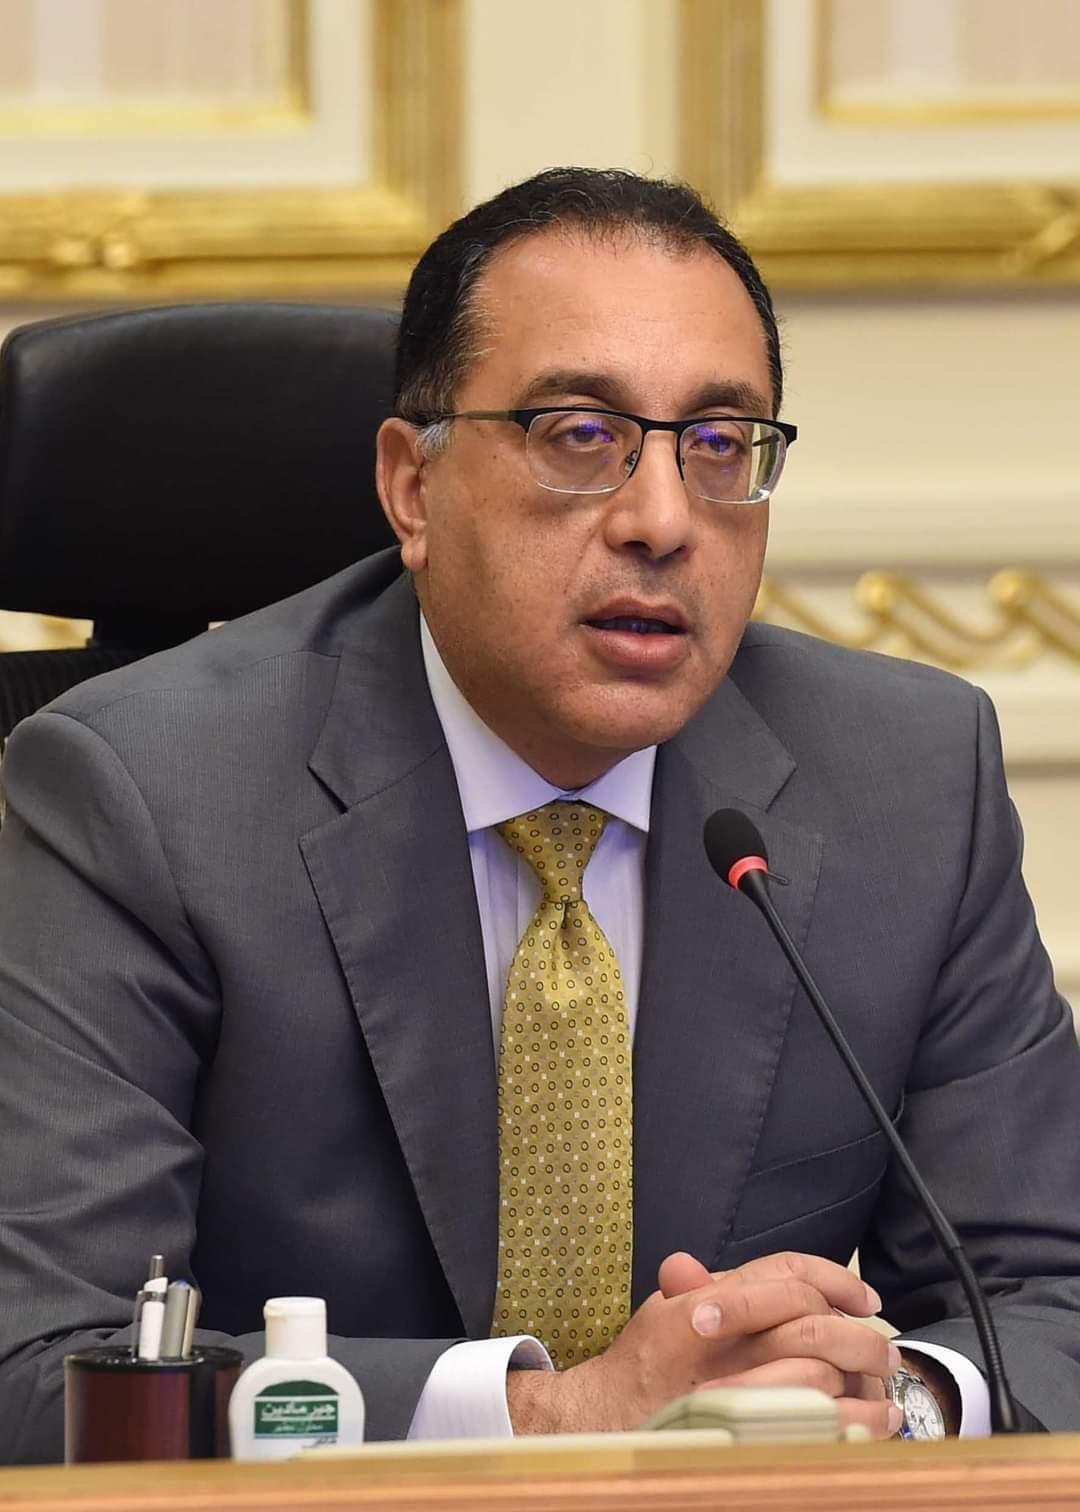 خلال اجتماع مجلس الوزراء برئاسة مدبولي بالعلمين اليوم:  وزيرة الصحة